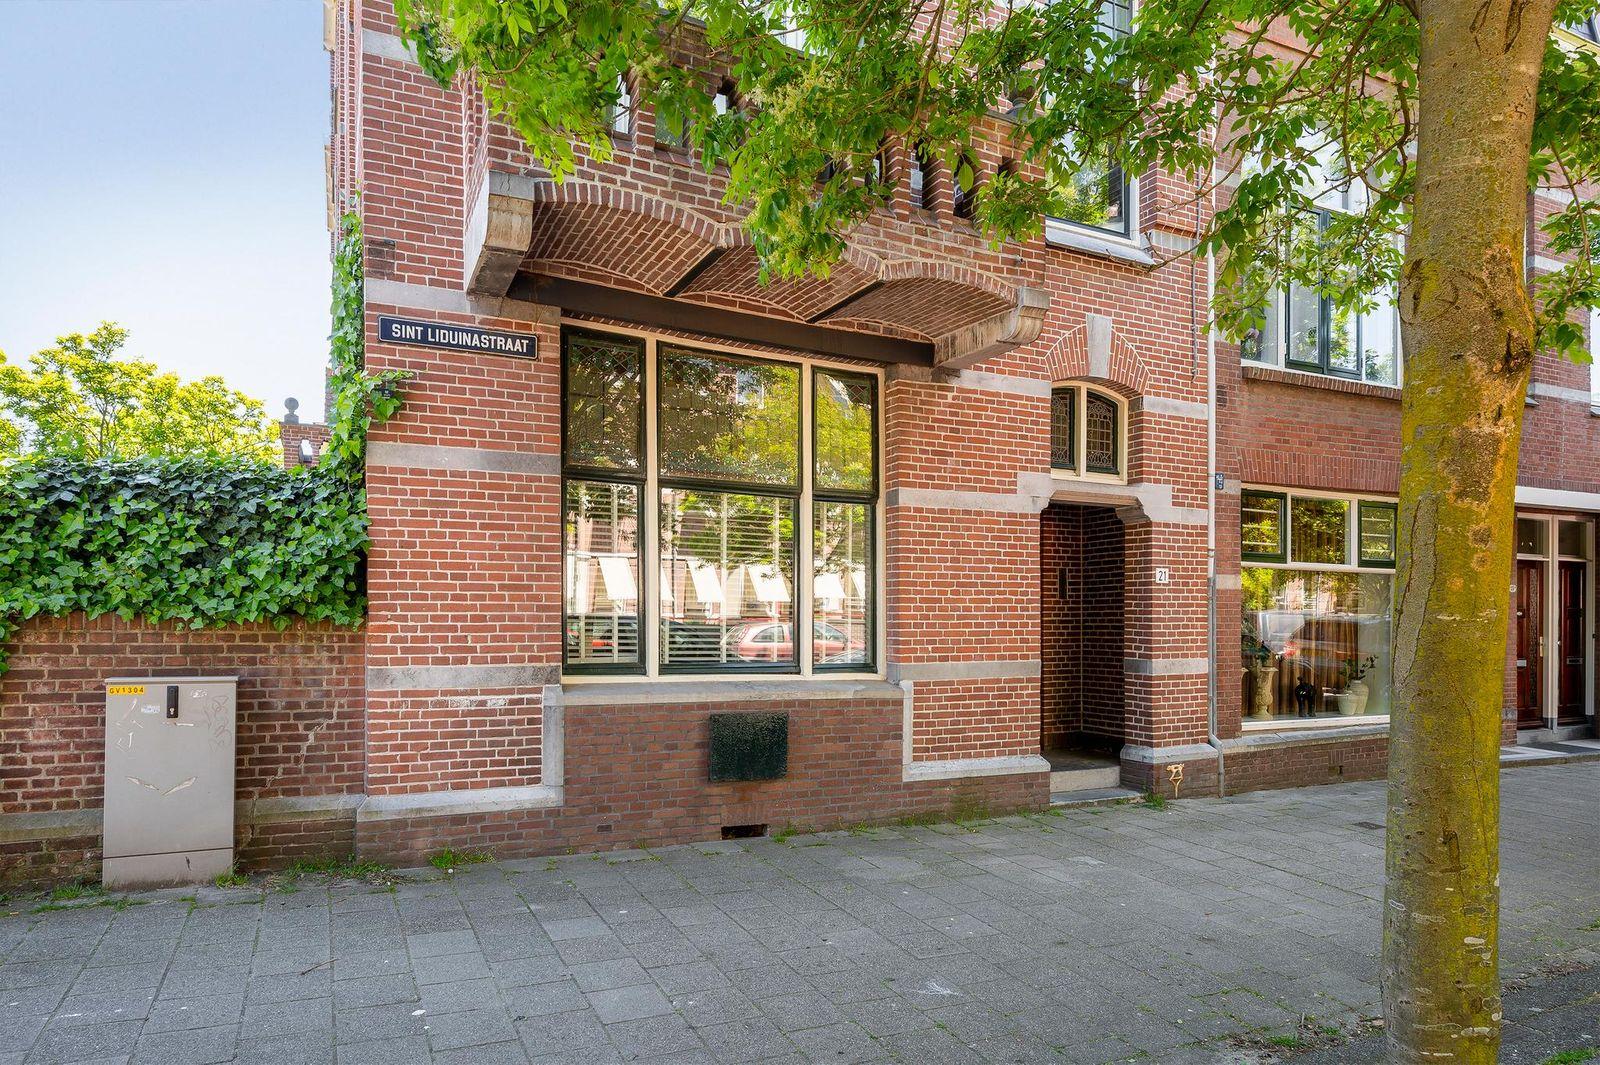 Sint Liduinastraat 21, Schiedam